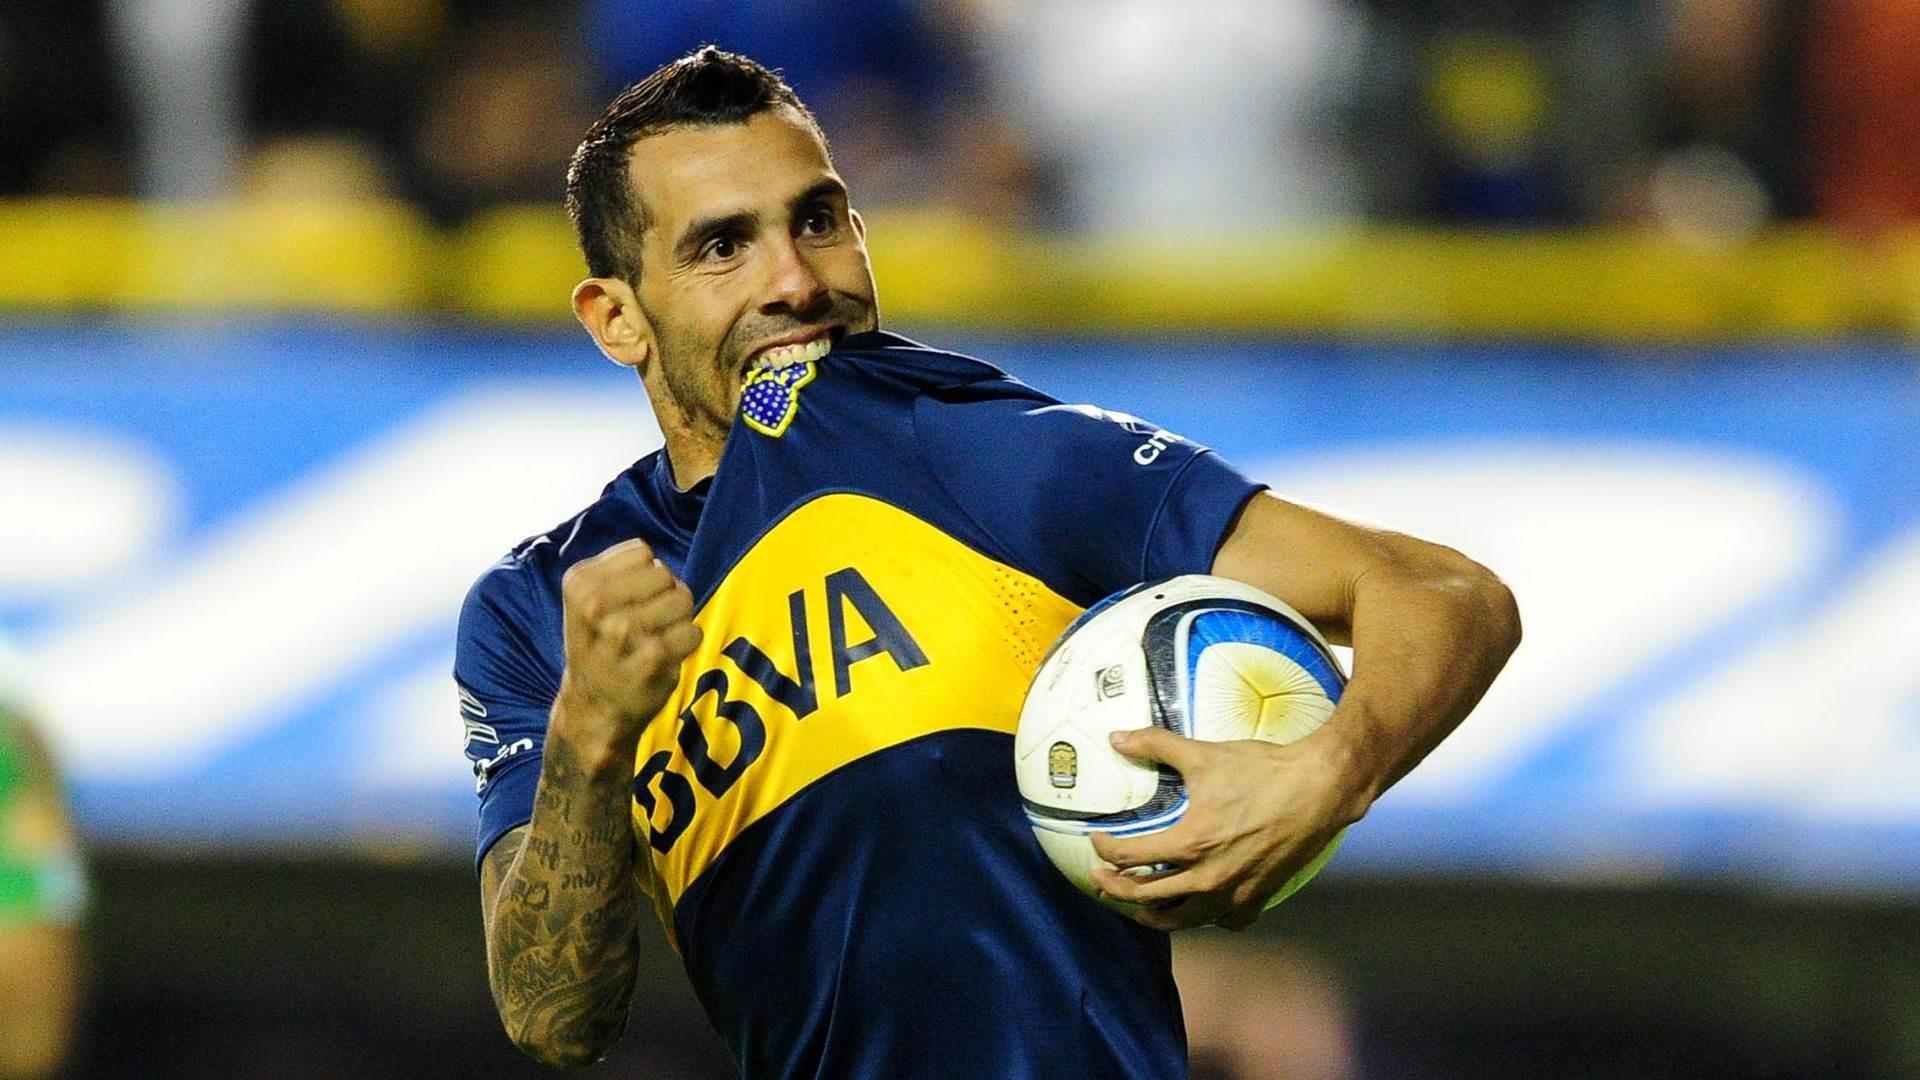 تيفيز يجدد عقده مع بوكا ويحارب كورونا